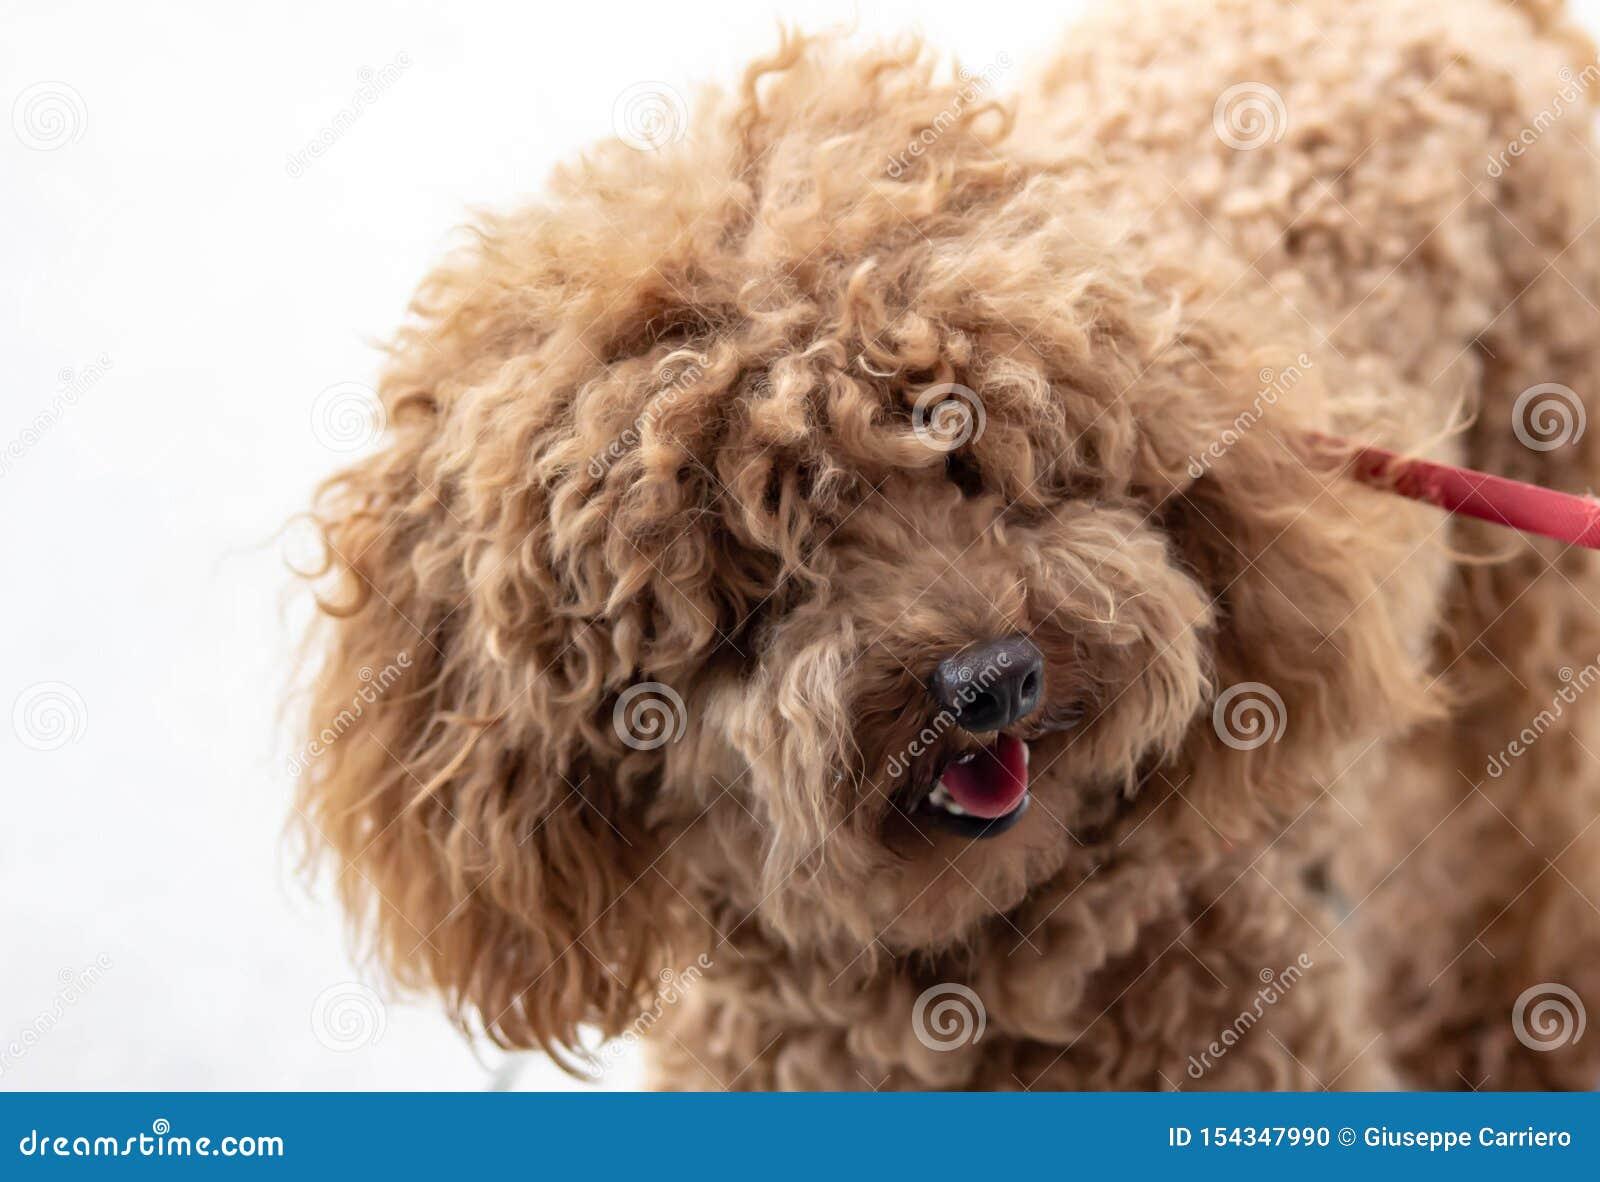 长卷毛狗:气质FCI分类说长卷毛狗的字符是那伴侣狗,安置它在第9